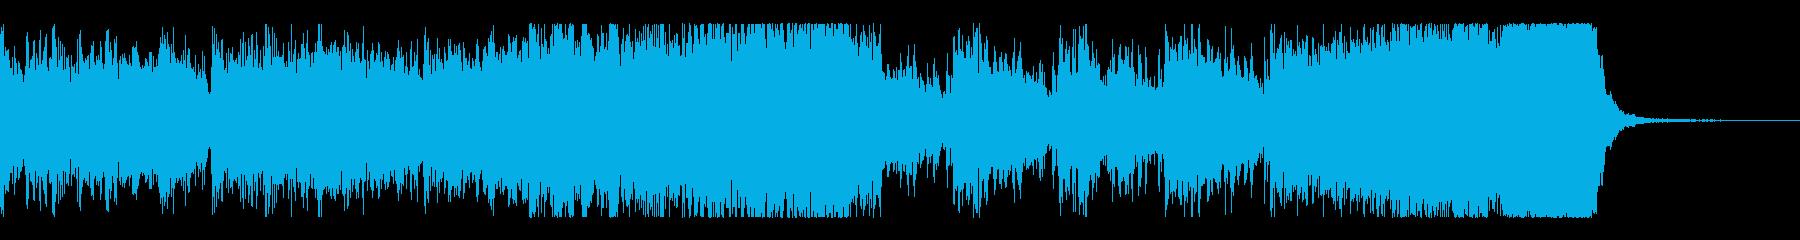 迫る恐怖ーシンセ・効果音・ダブステップの再生済みの波形